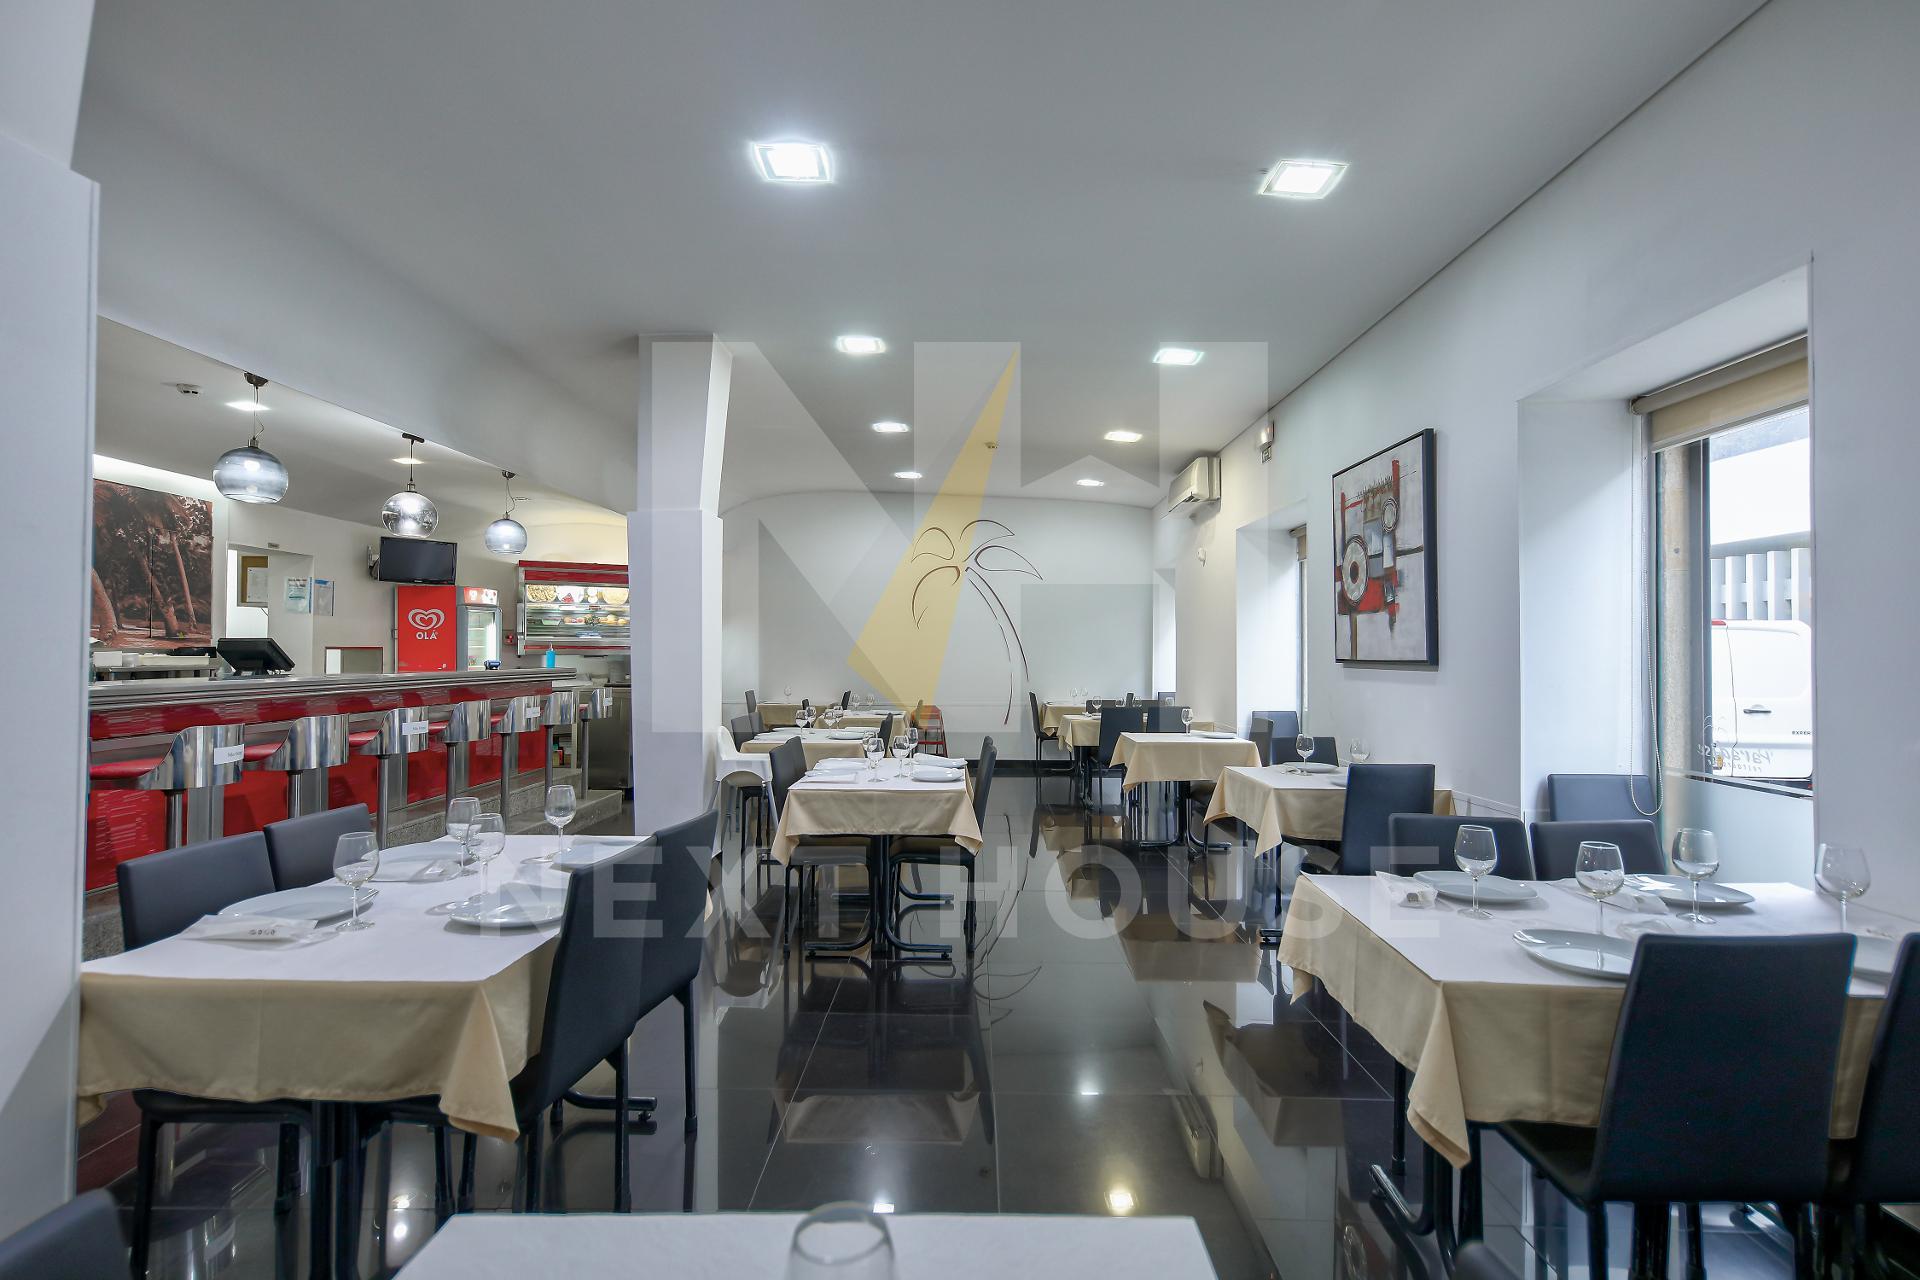 Restaurante no centro de Ovar  - Ovar, UDF De Ovar, São João, Arada E São Vicente De Pereira Jusã